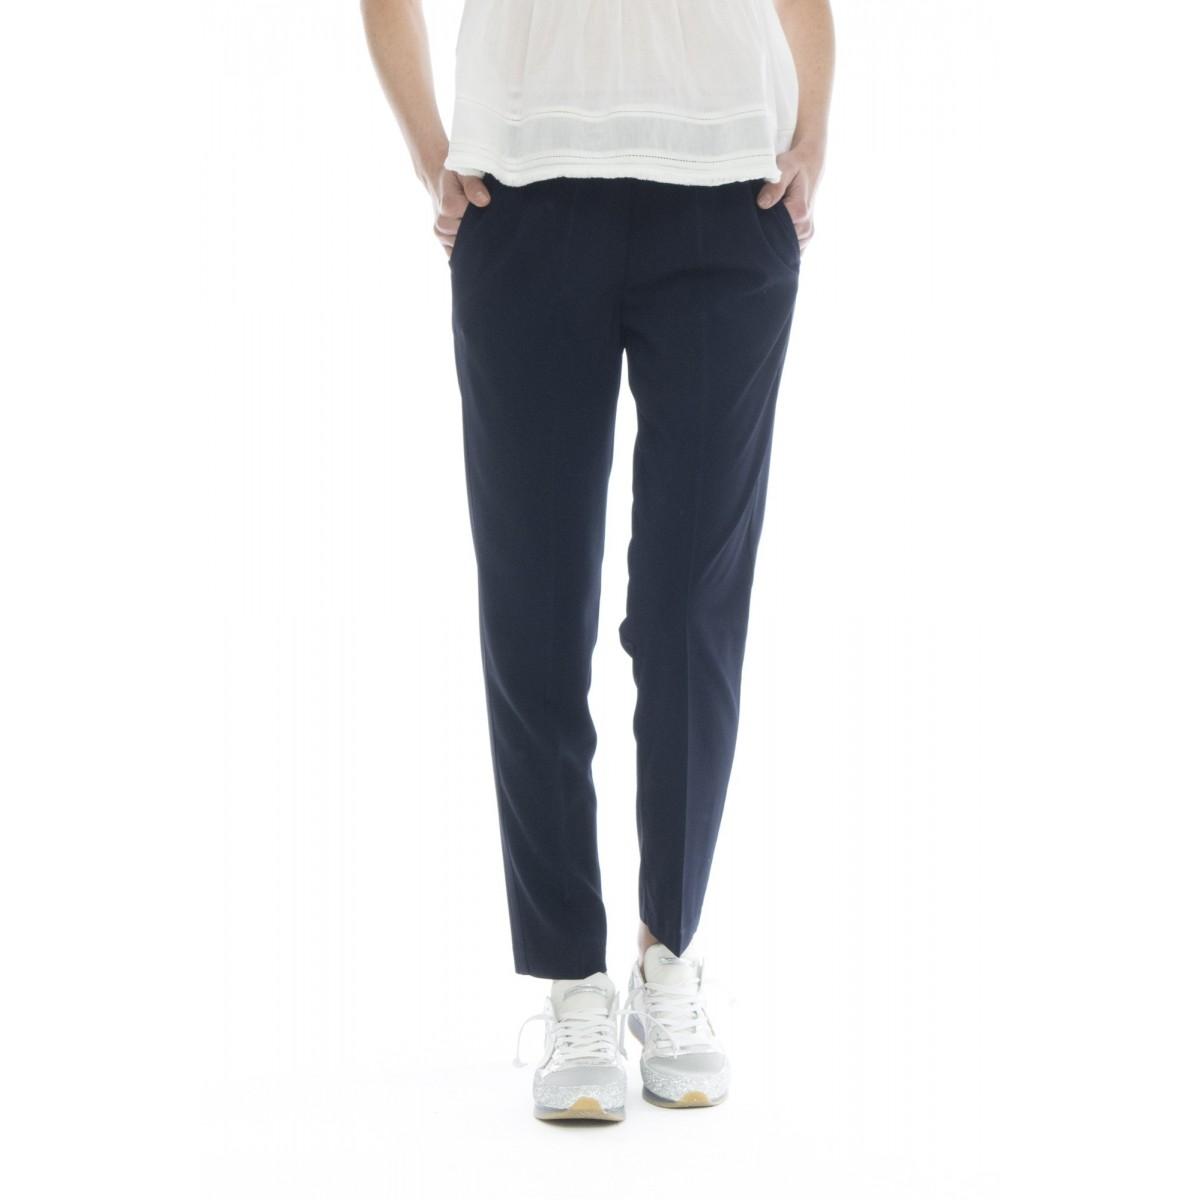 Pantalone donna - J4101 pantalone elastico sigaretta